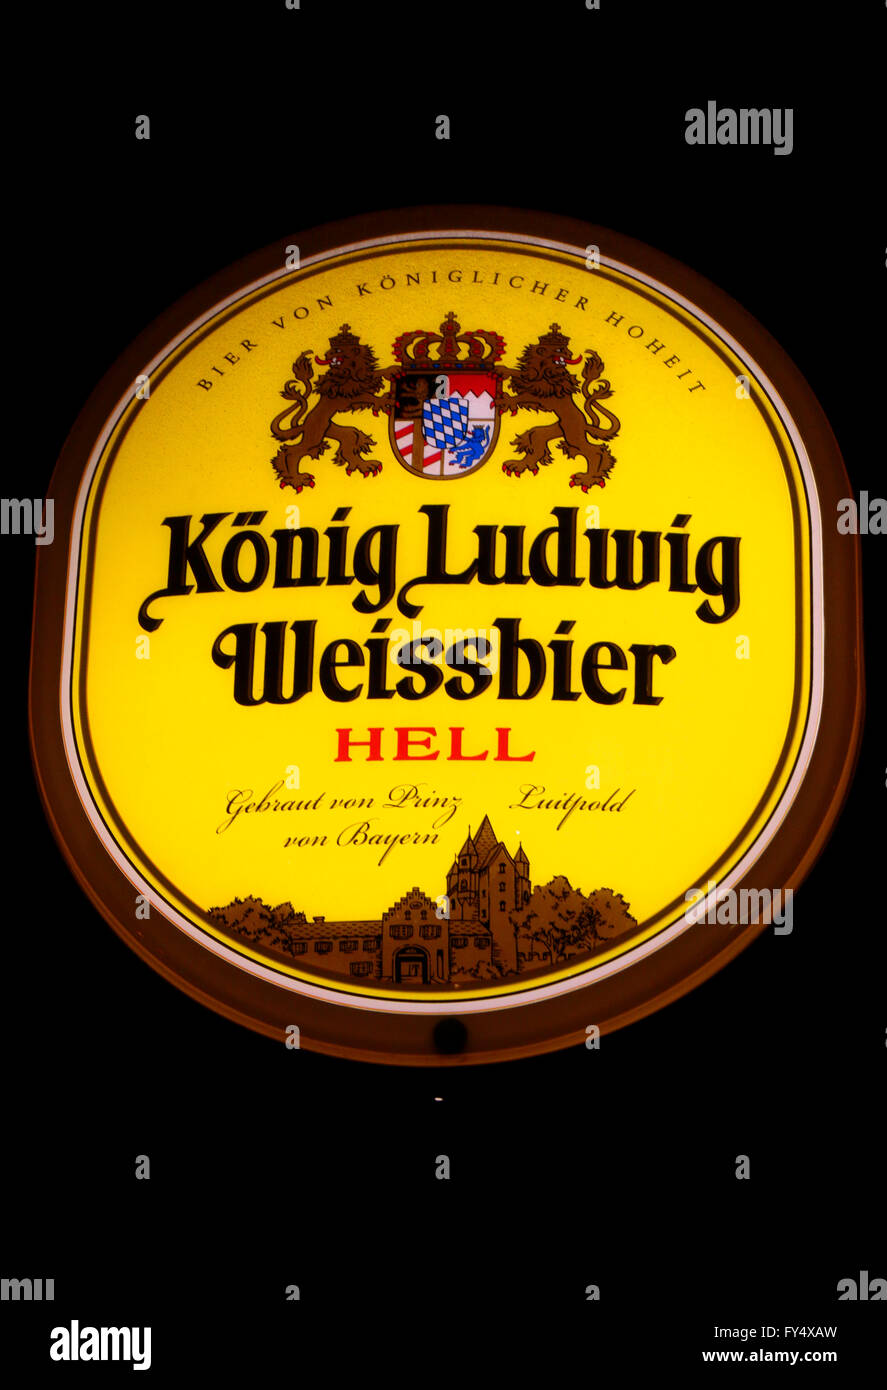 Markennamen: 'Koenig Ludwig Weissbier', Berlin. - Stock Image